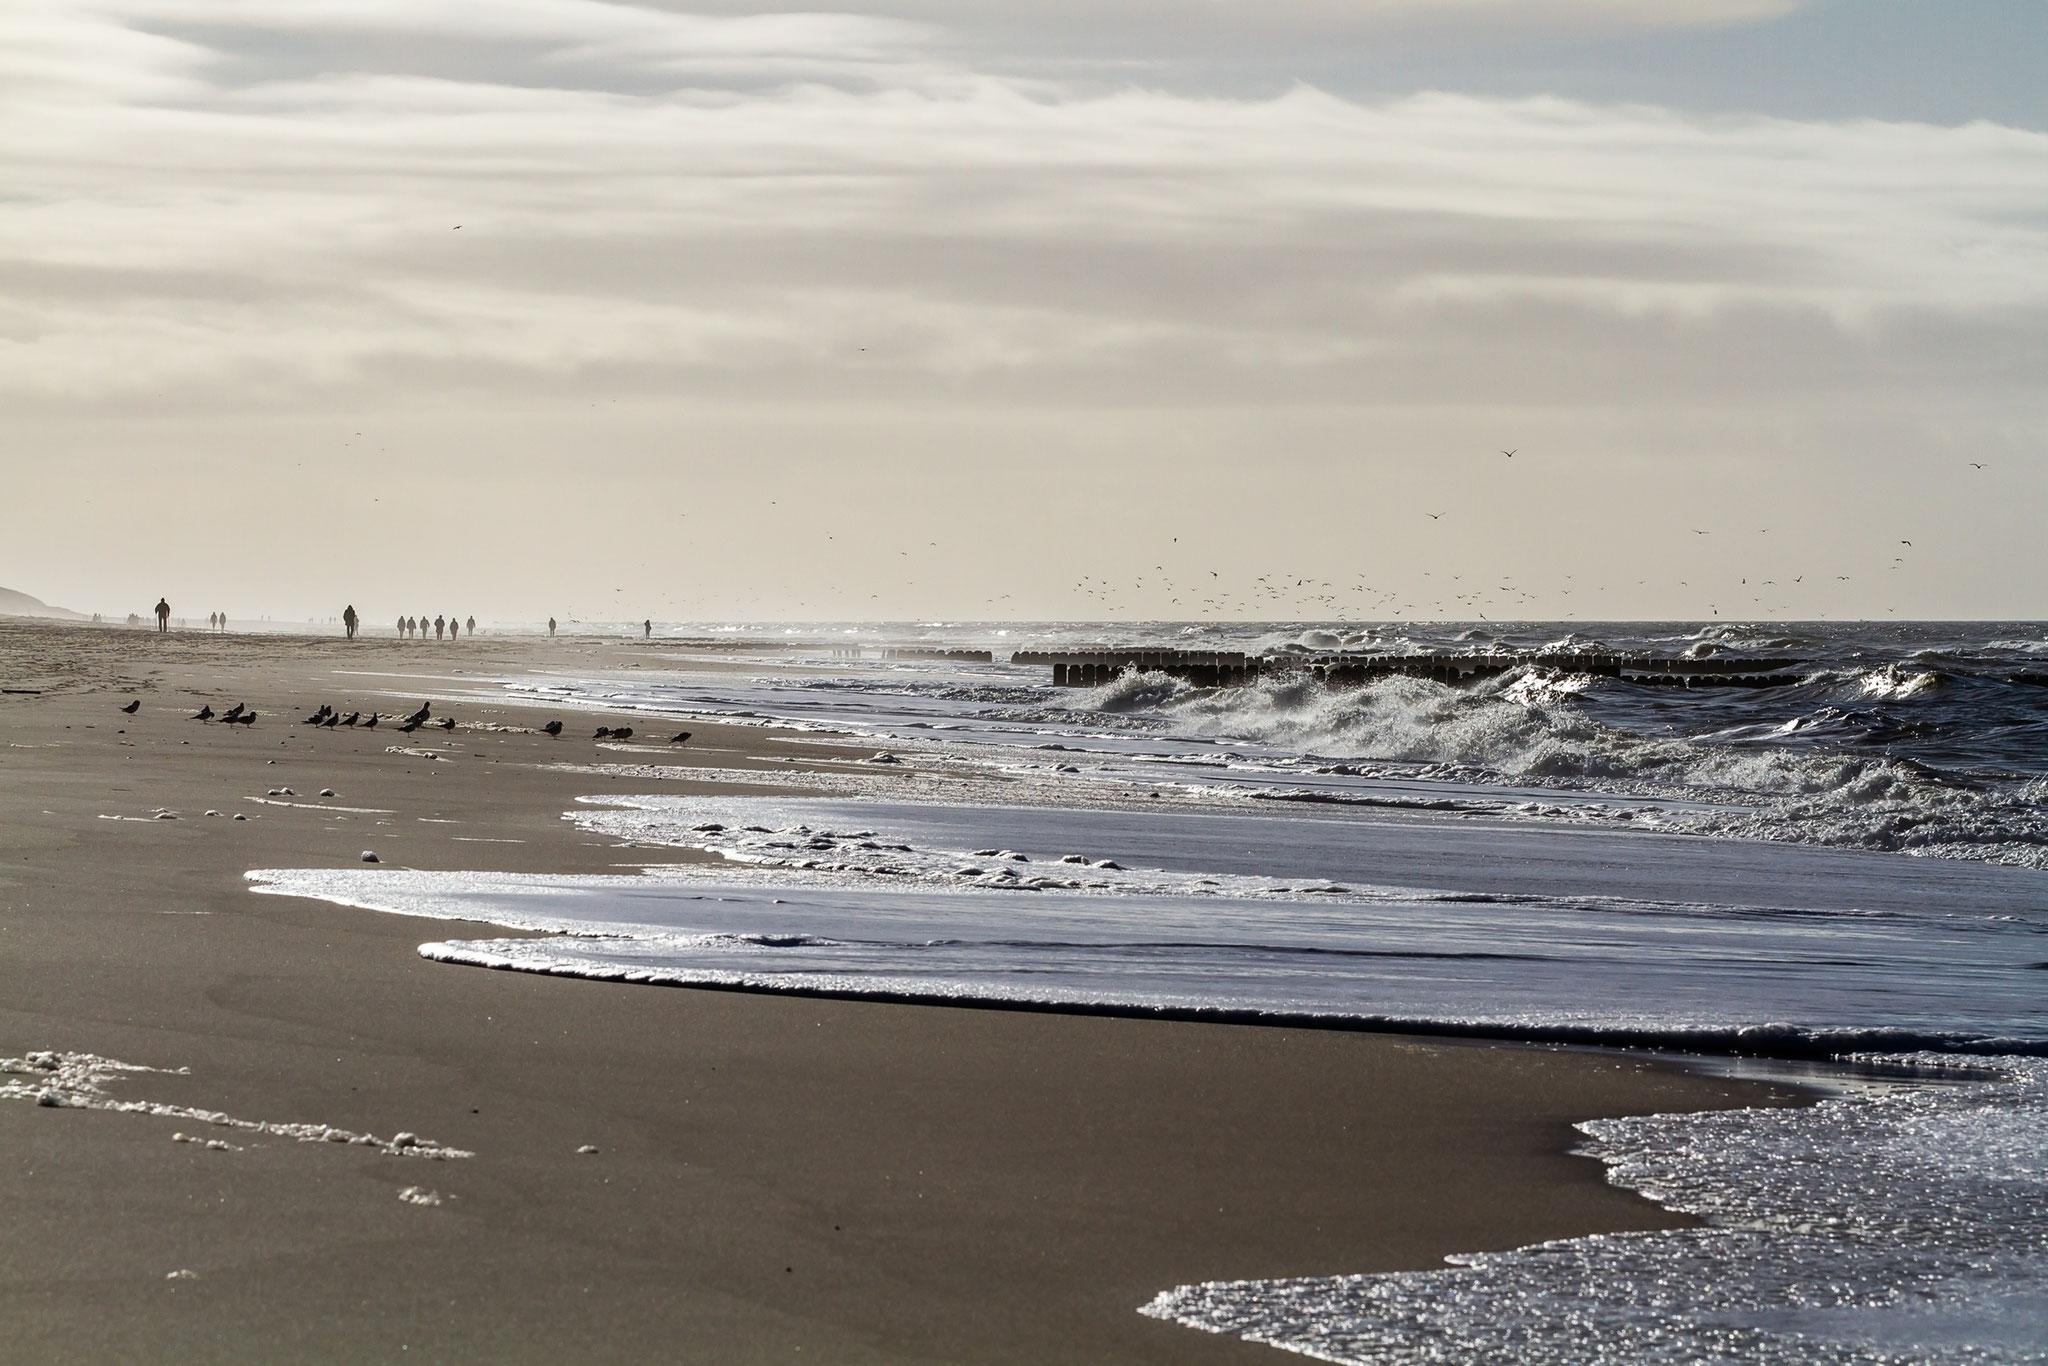 Das Meer und seine schönen Seiten.